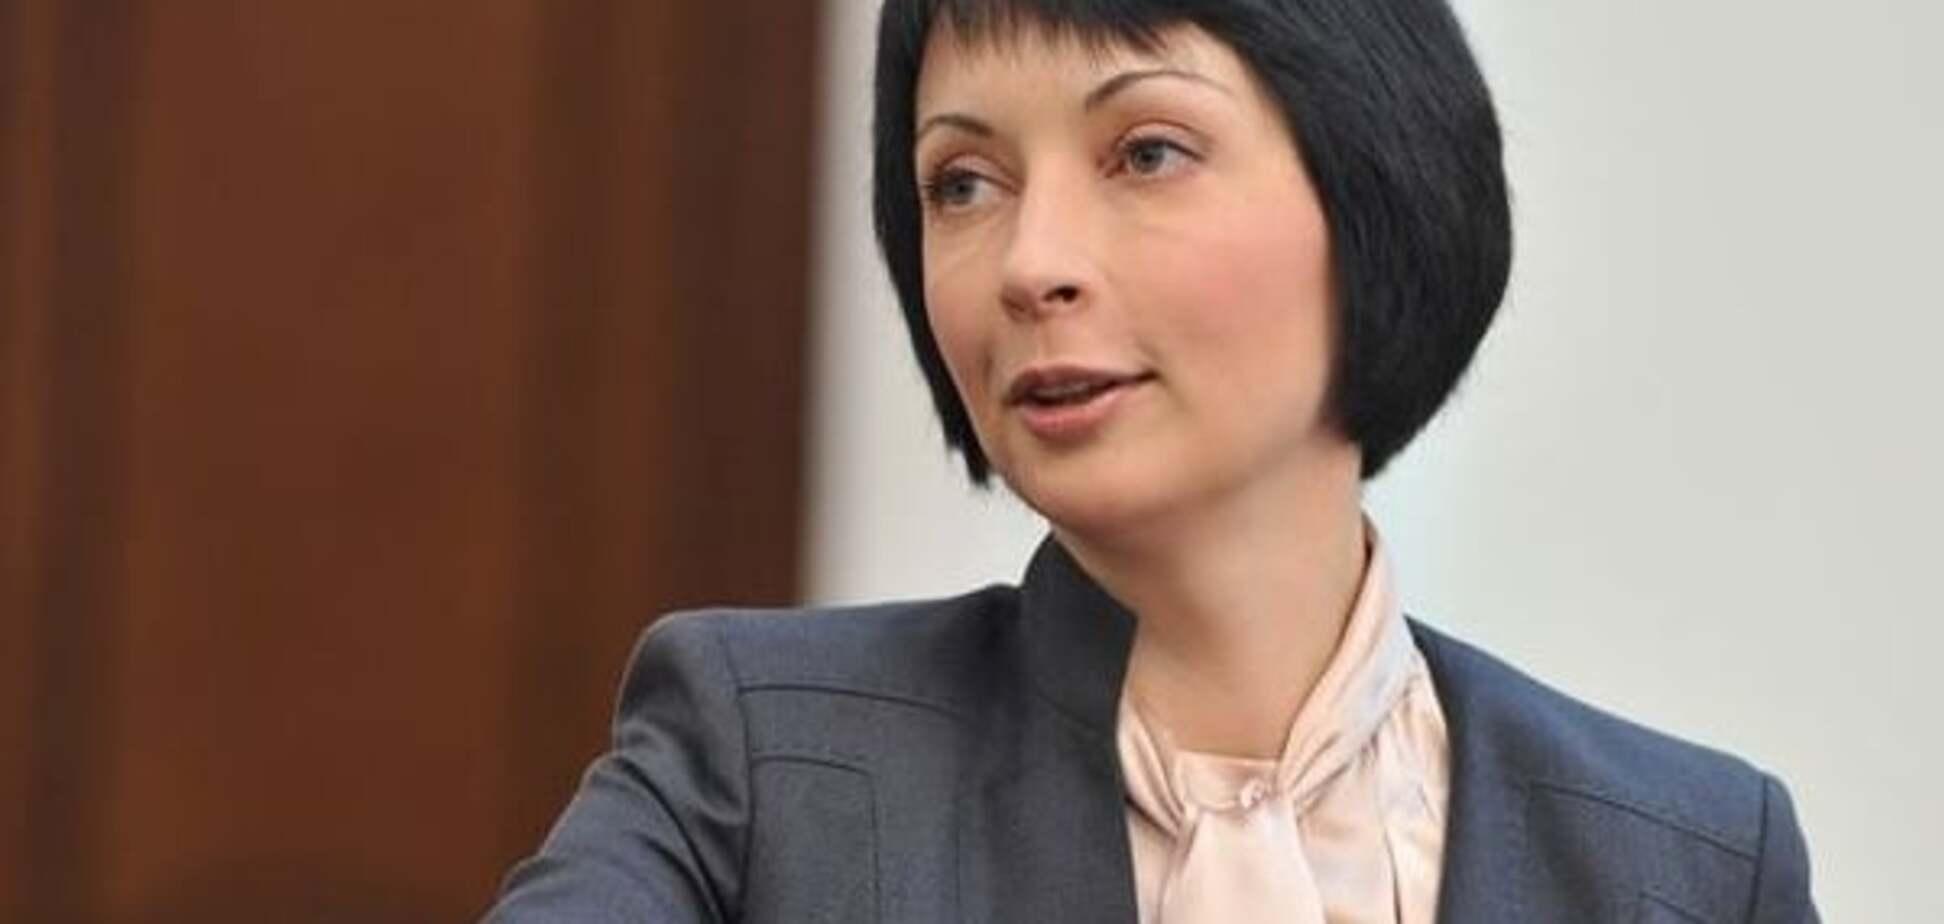 СБУ задержала экс-министра юстиции Лукаш: все подробности